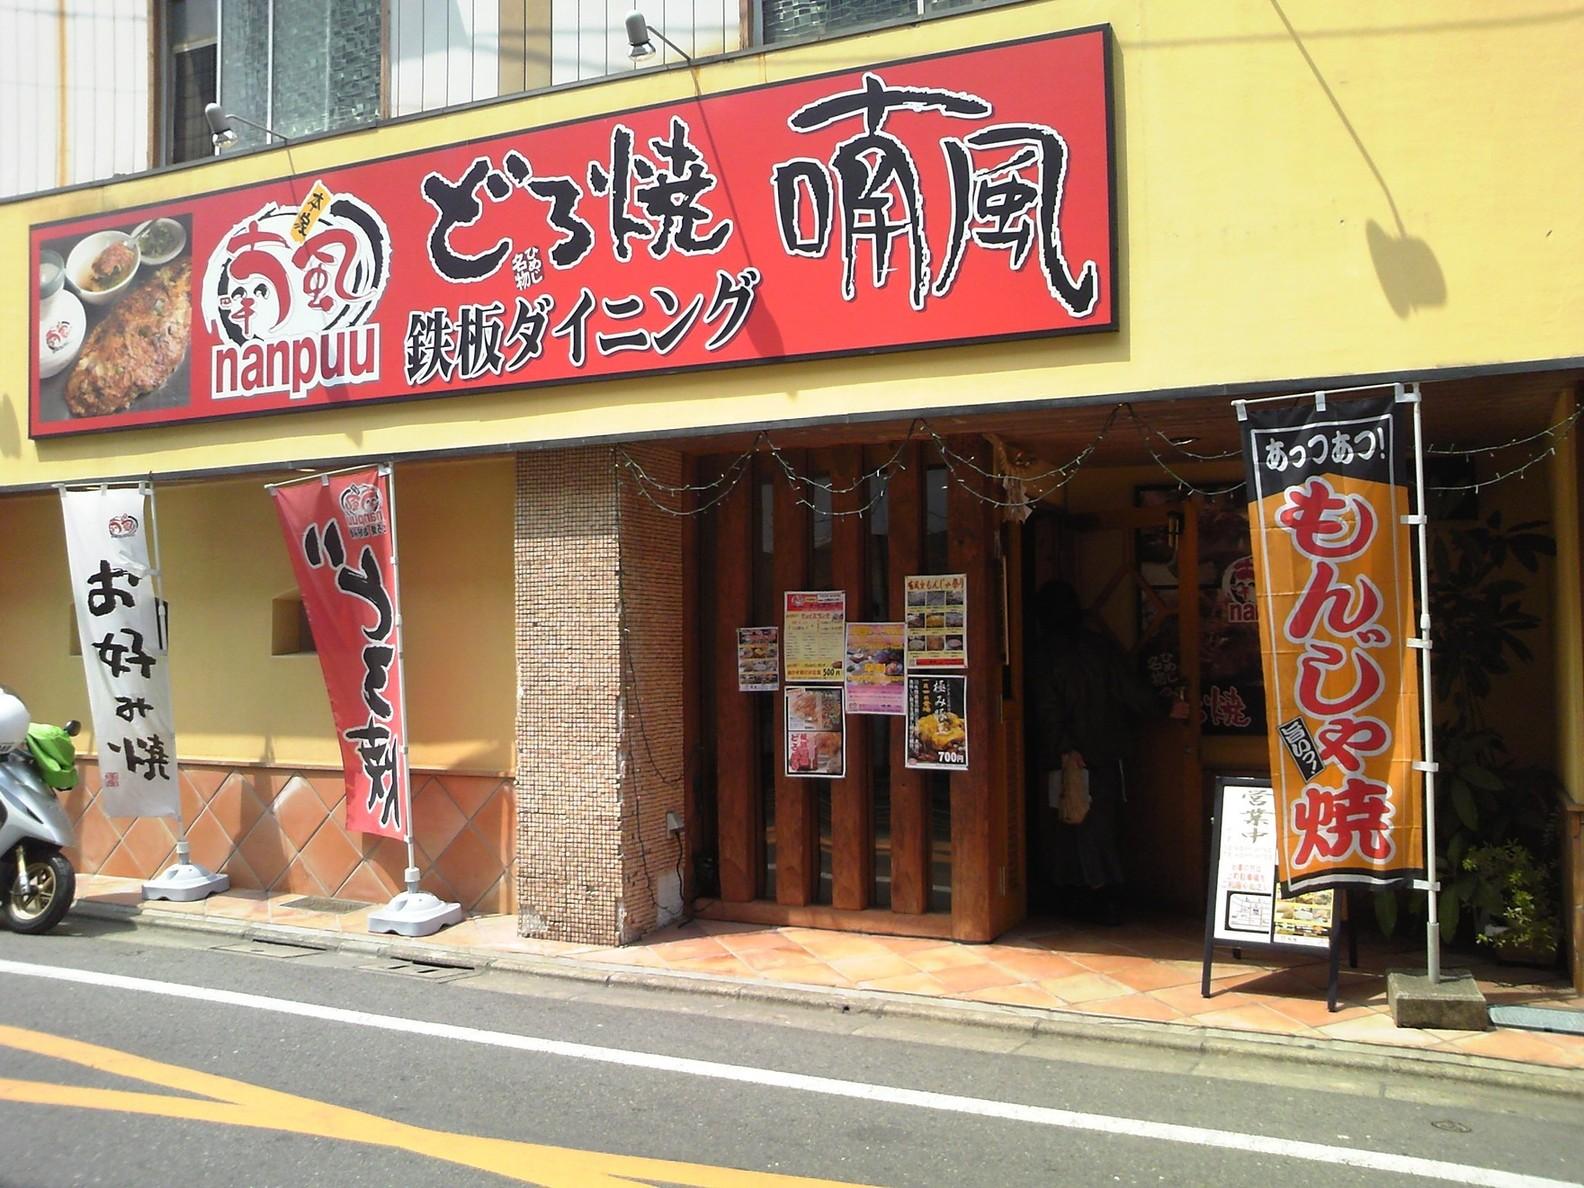 鉄板ダイニング 喃風 天草店